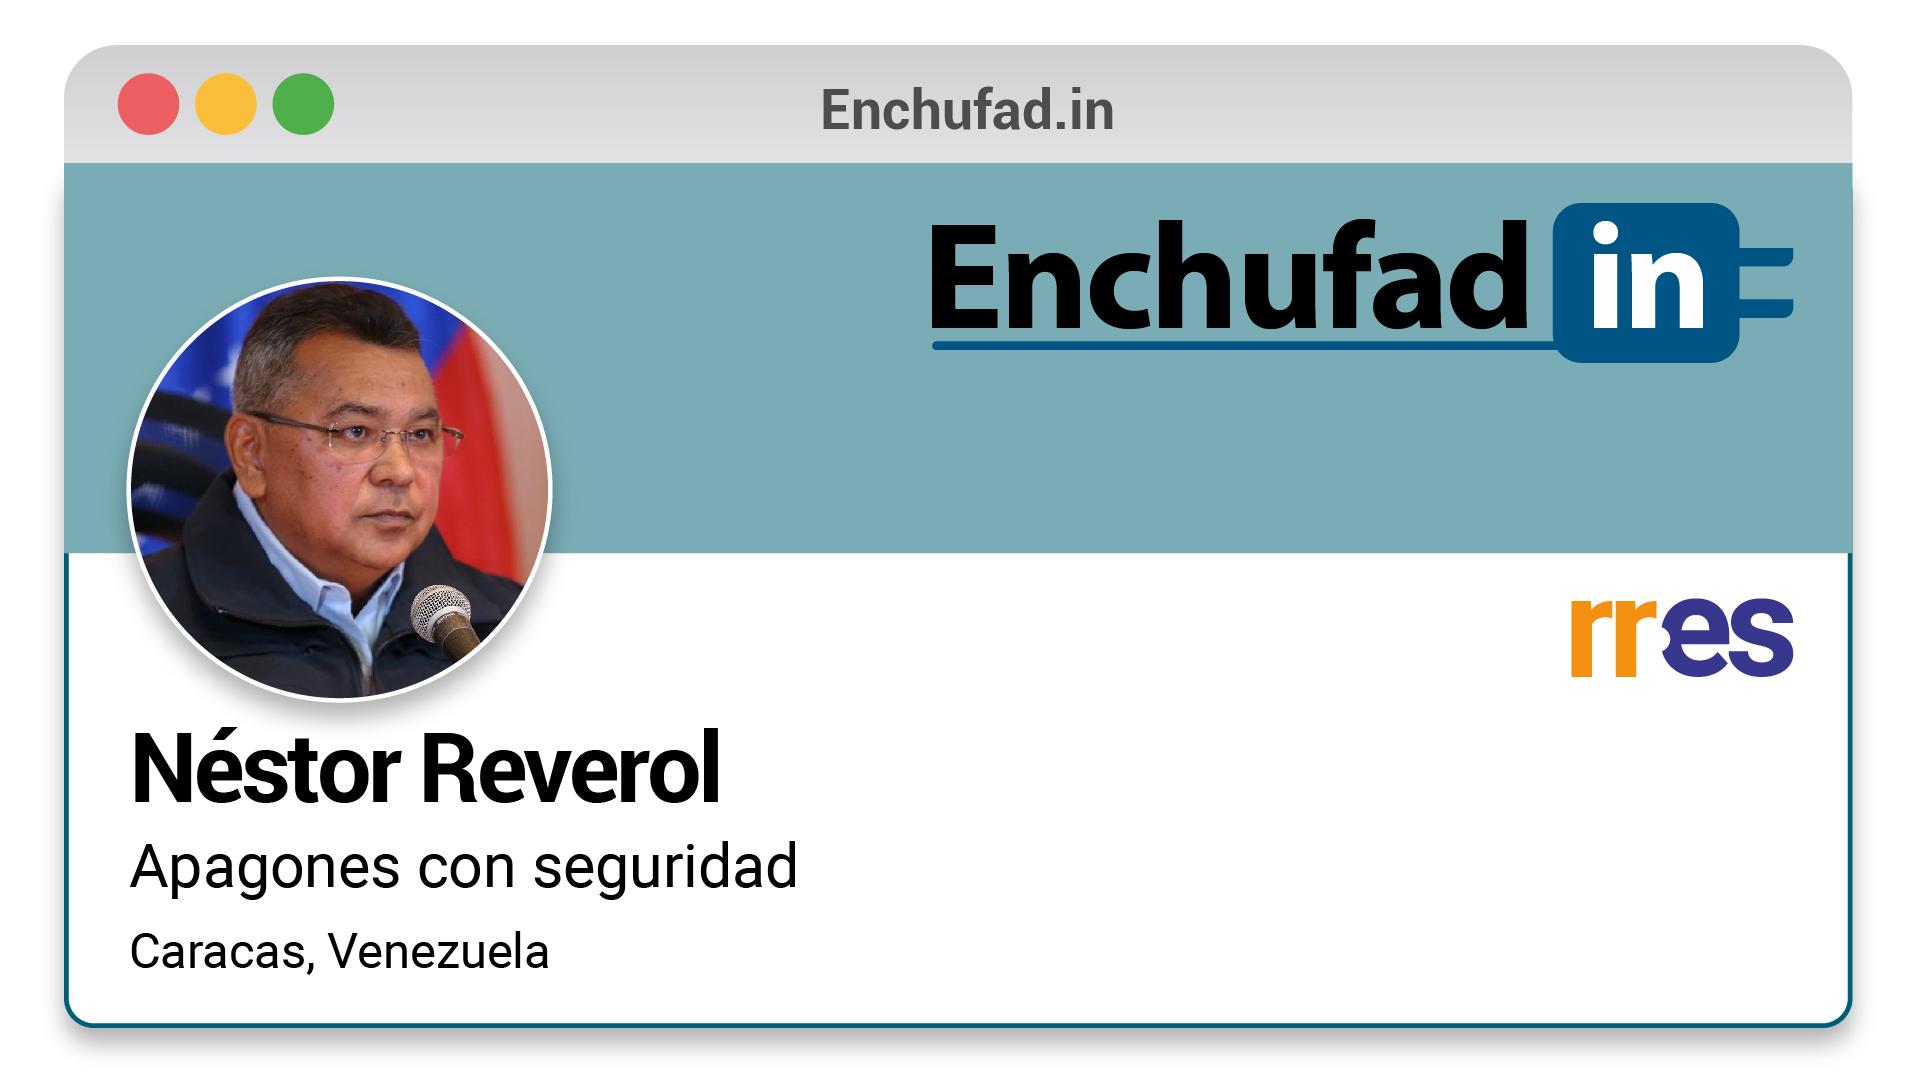 #EnchufaDÍN | Felicita a Néstor Reverol por su nuevo cargo